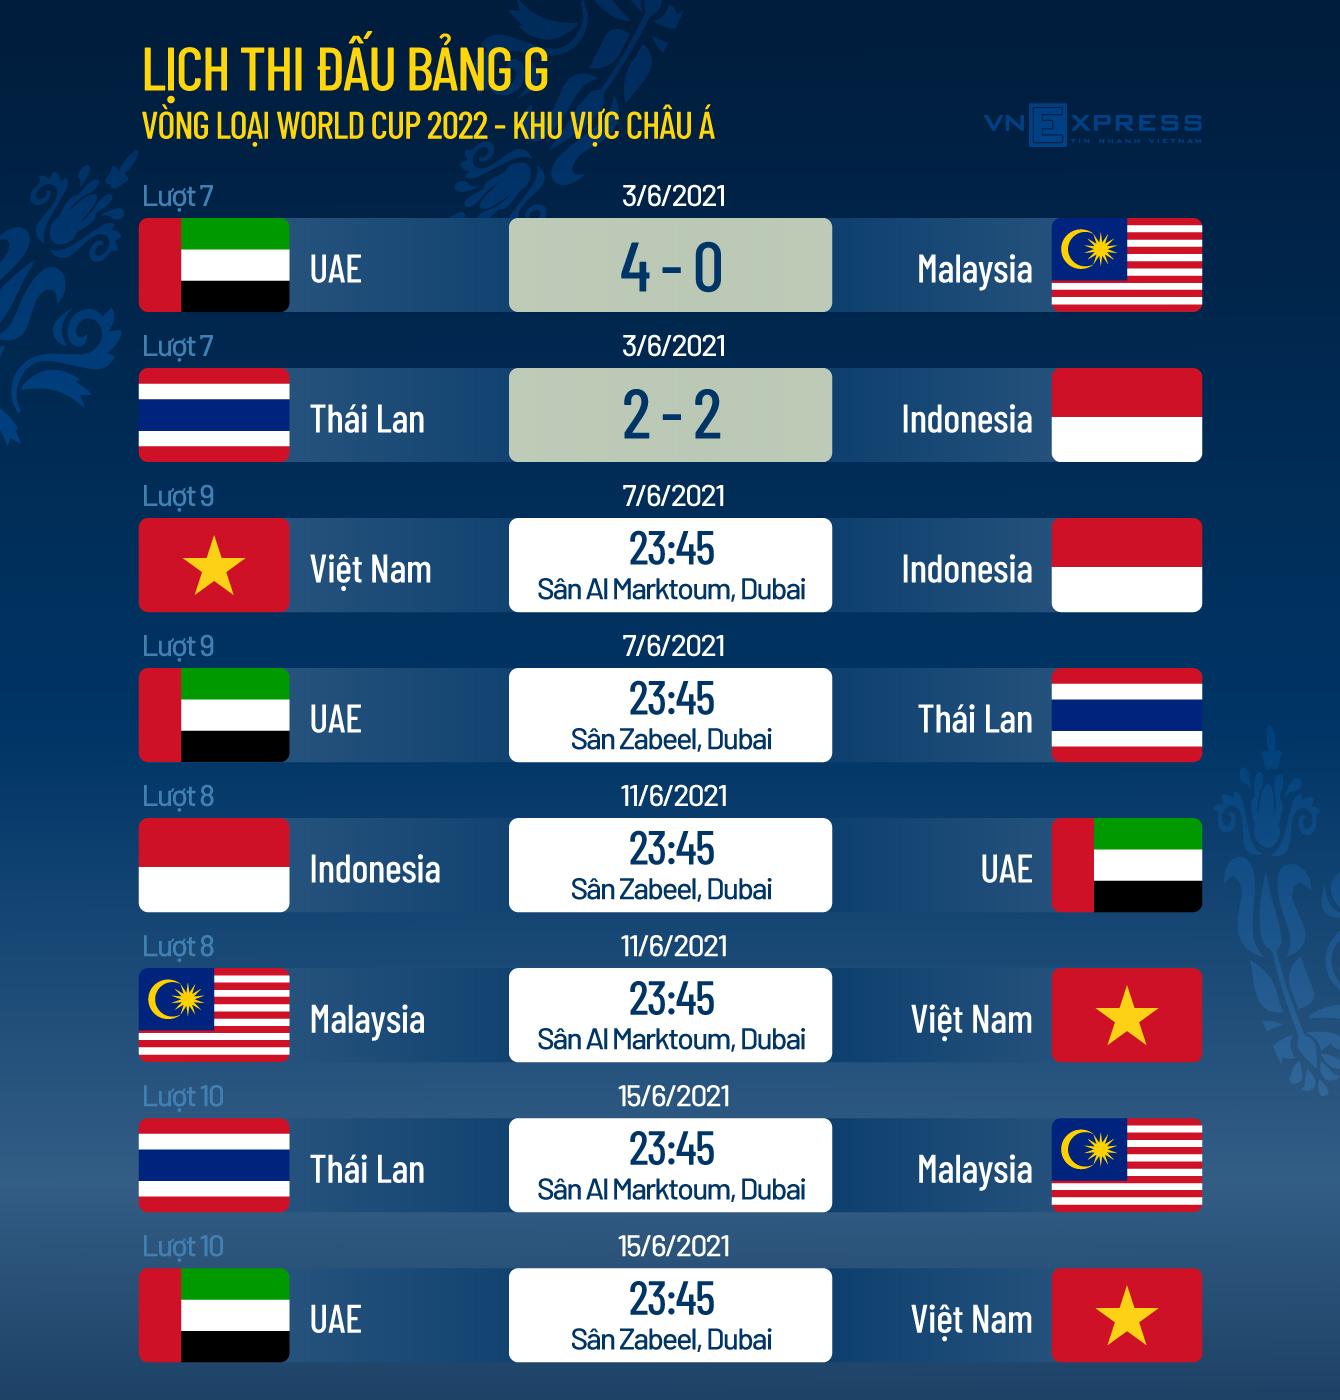 Vietnam memiliki kemungkinan 78% untuk memasuki babak kualifikasi final Piala Dunia - 2